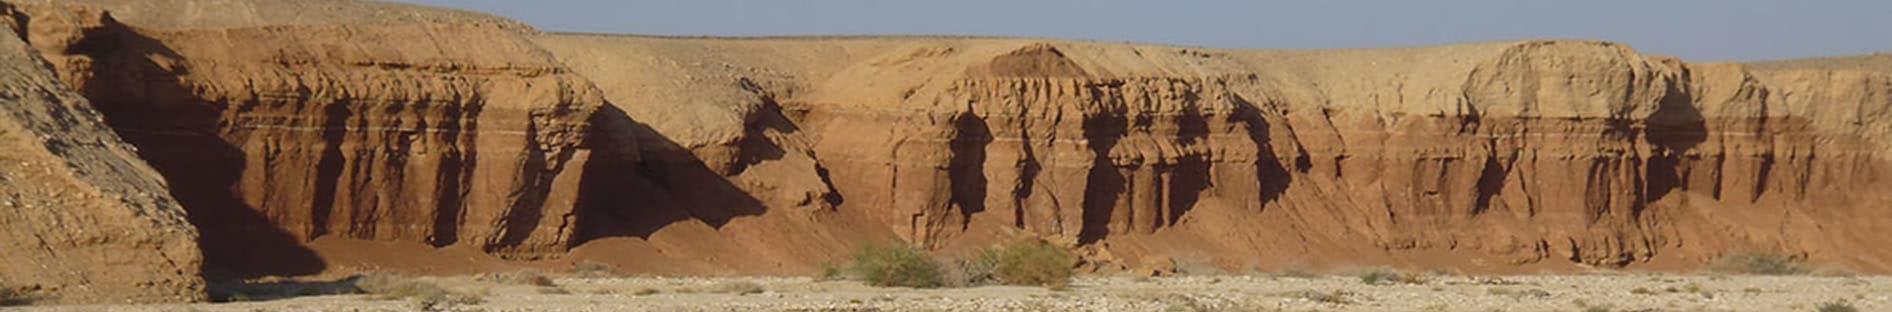 מראה מדברי ההרי - ליד צימר מטמון בערבה